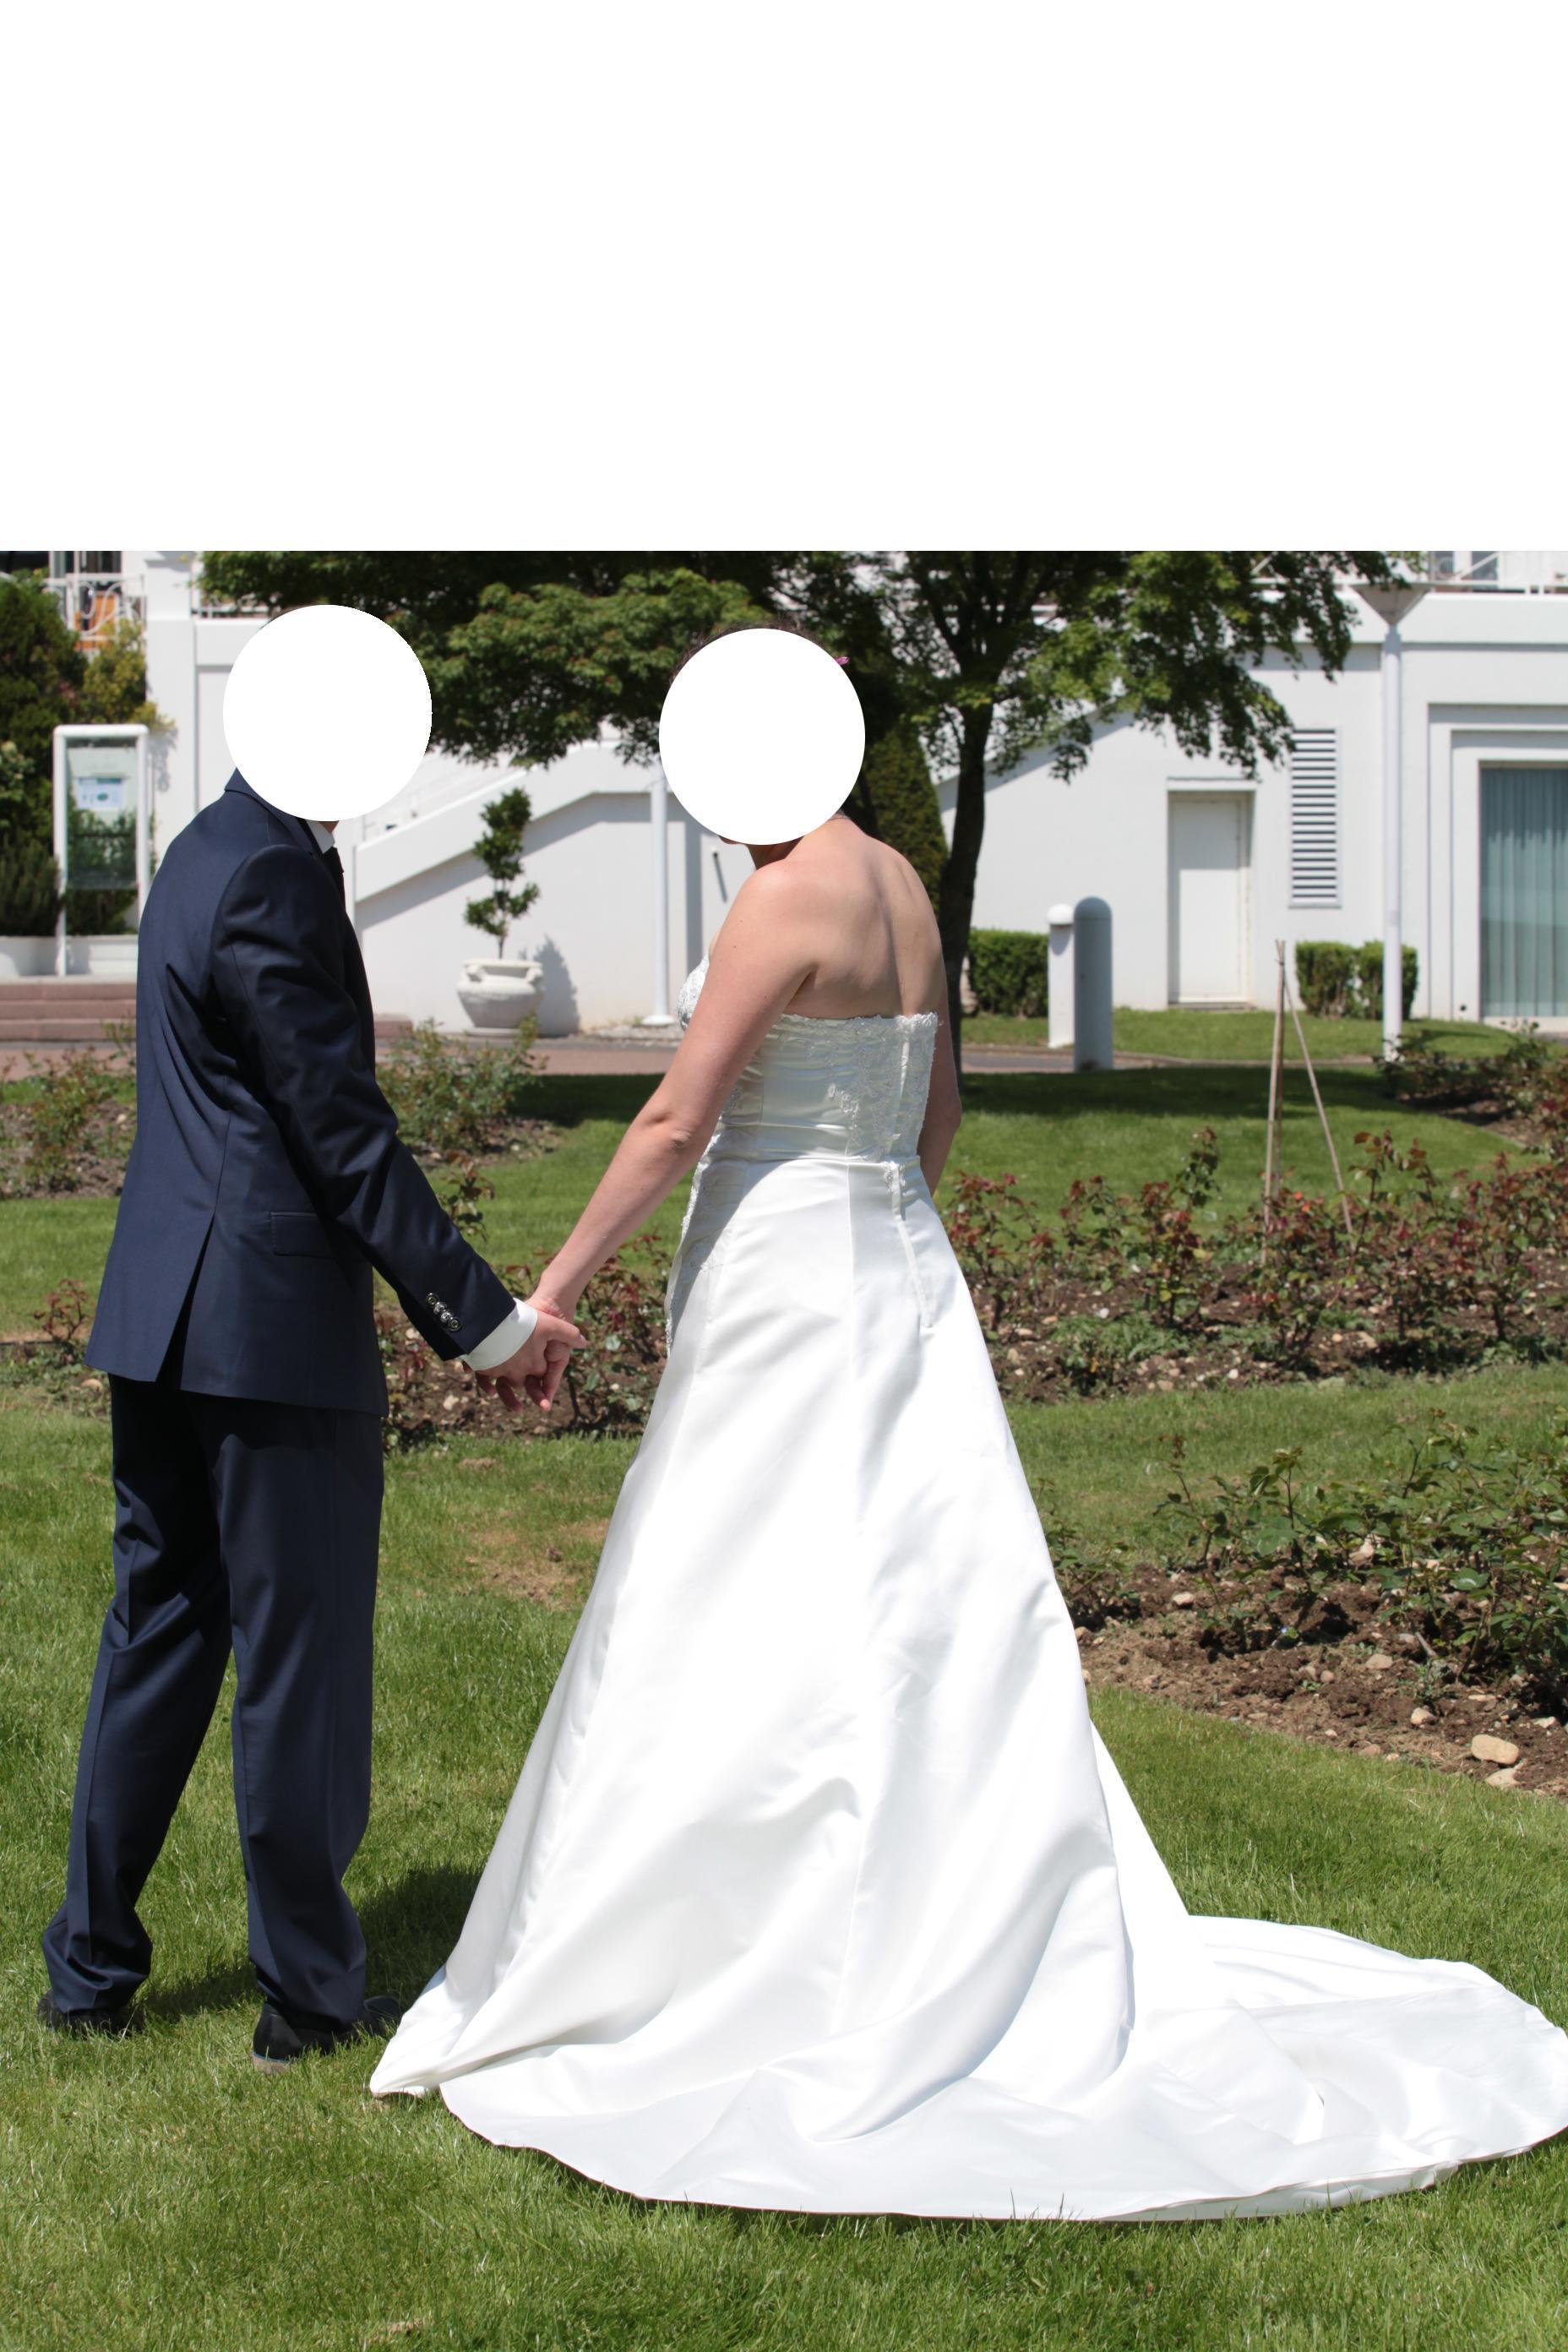 troc de troc robe mariage taille 42 ivoire image 0